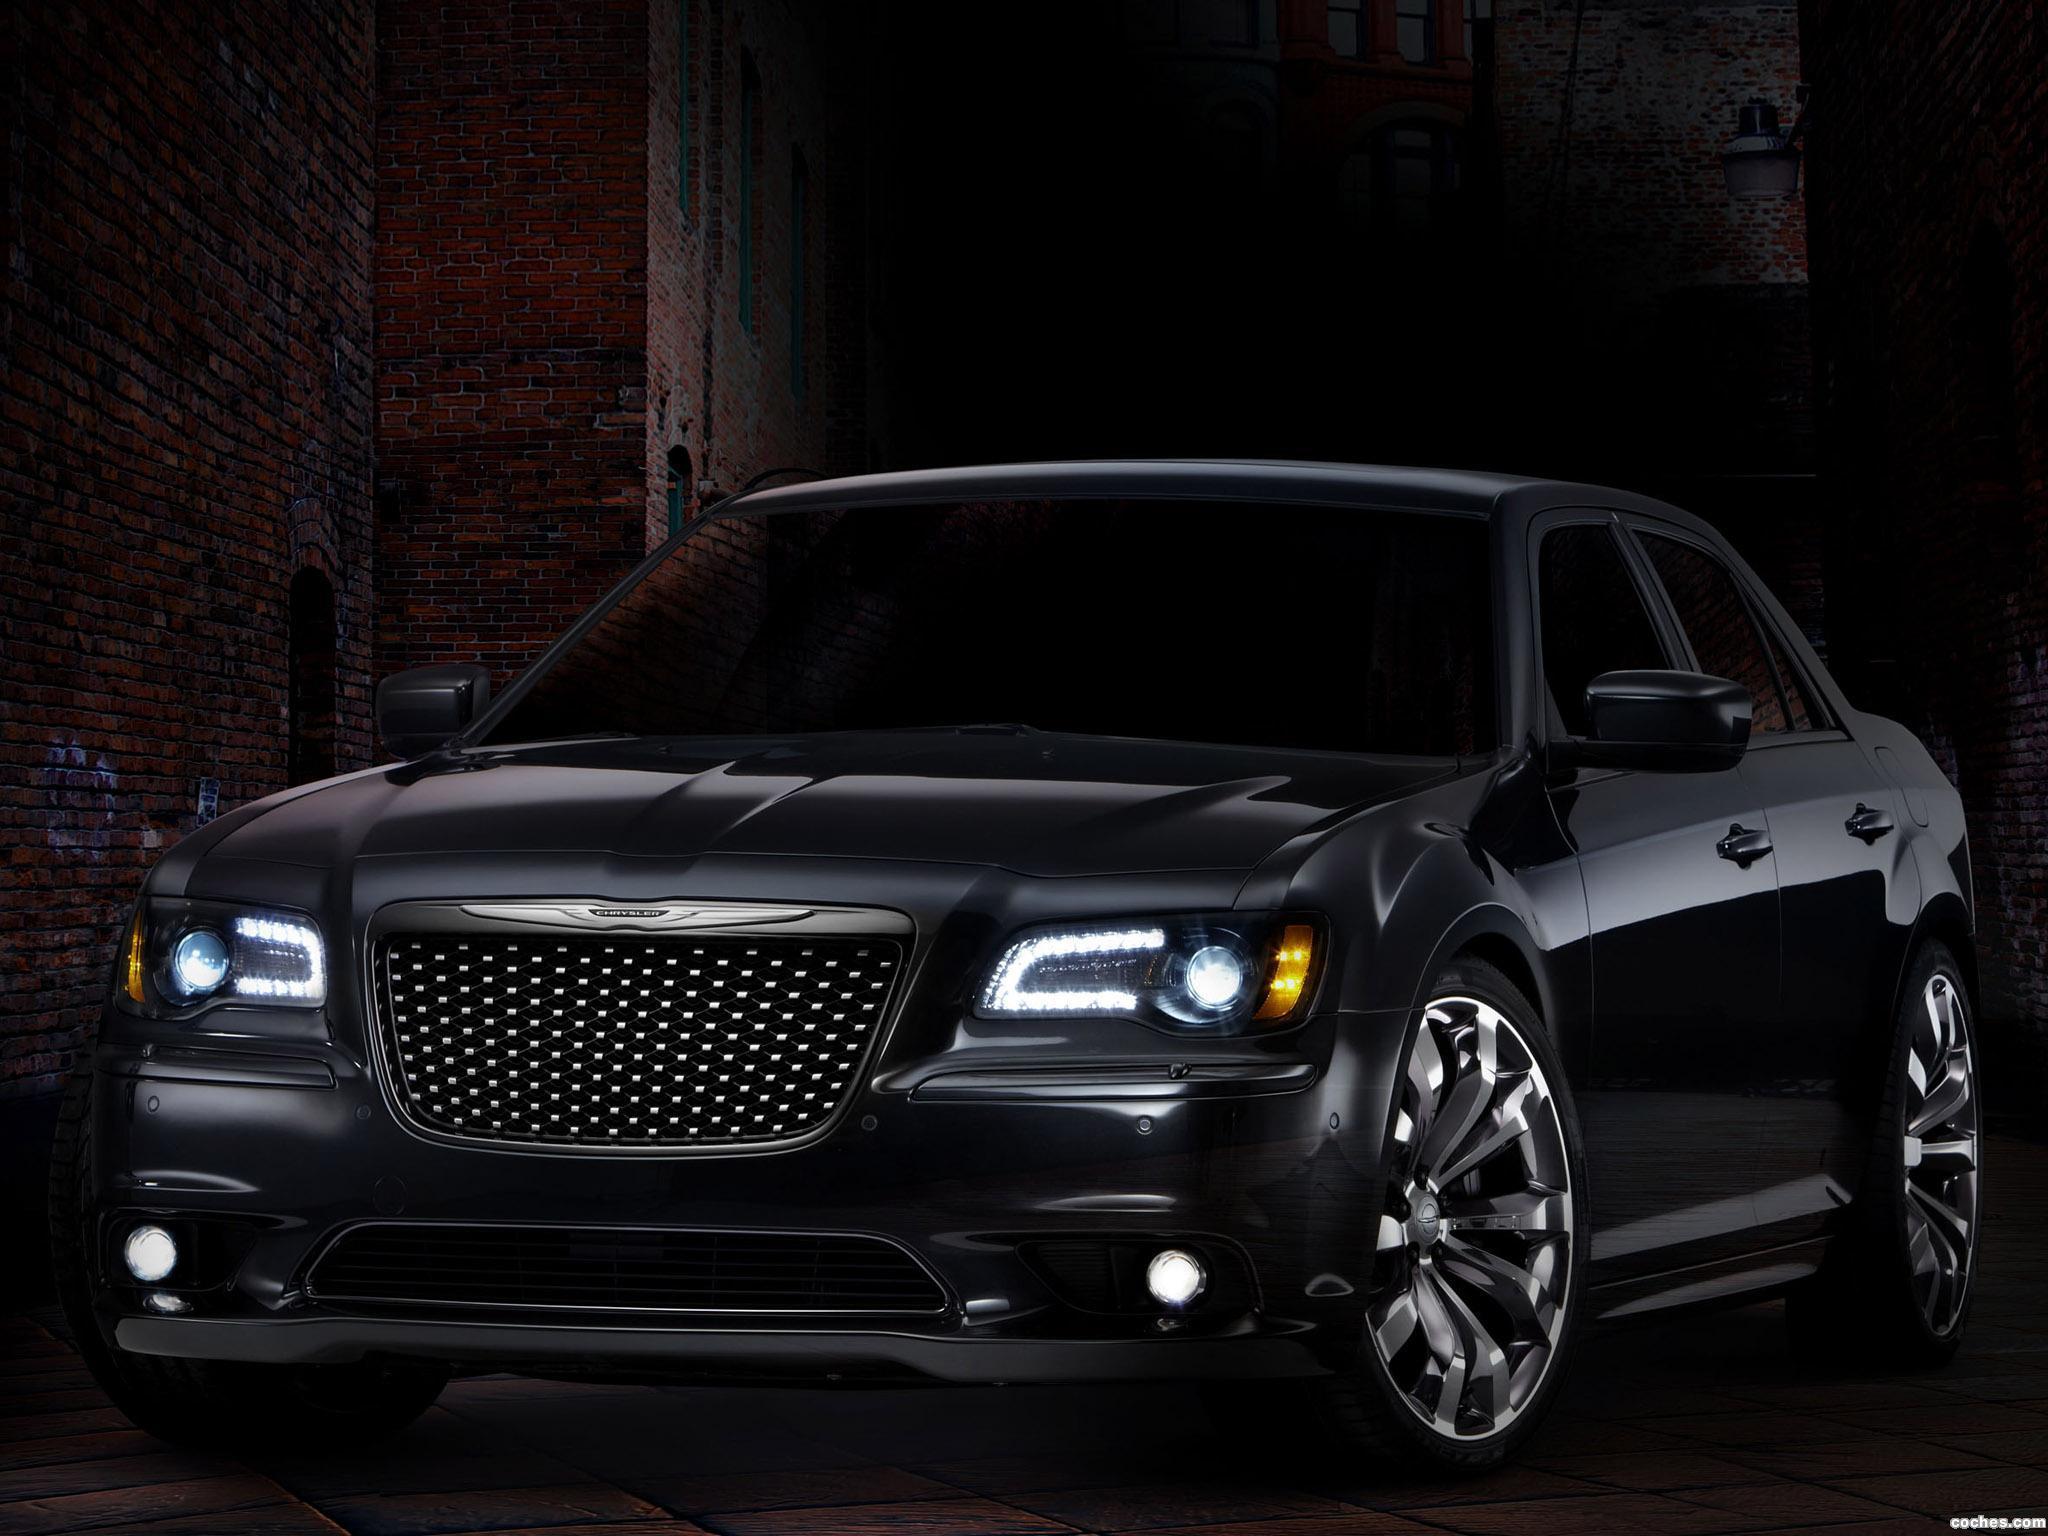 Foto 0 de Chrysler 300 Ruyi Design Concept 2012